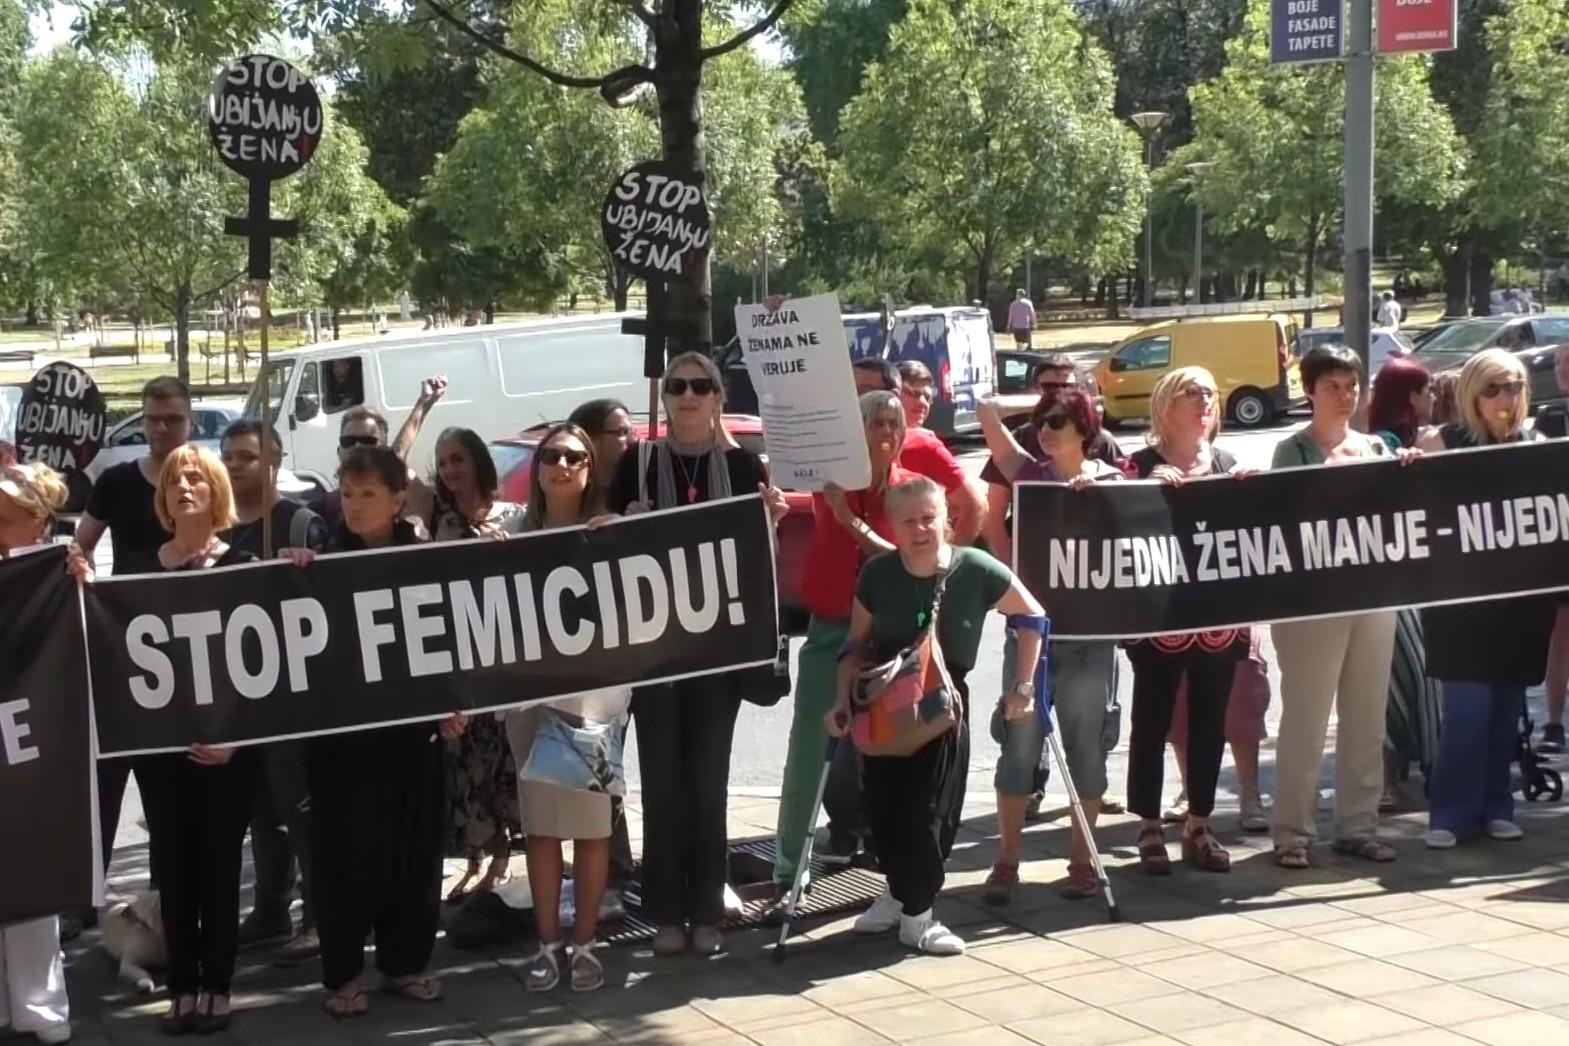 """Aktivistkinje nekoliko nevladinih organizacija na protestu protiv nasilja nad ženama pod nazivom """"Reagujmo dok ne bude kasno"""", Beograd, 17. jul 2017. (Foto: Snimak ekrana/Jutjub)"""